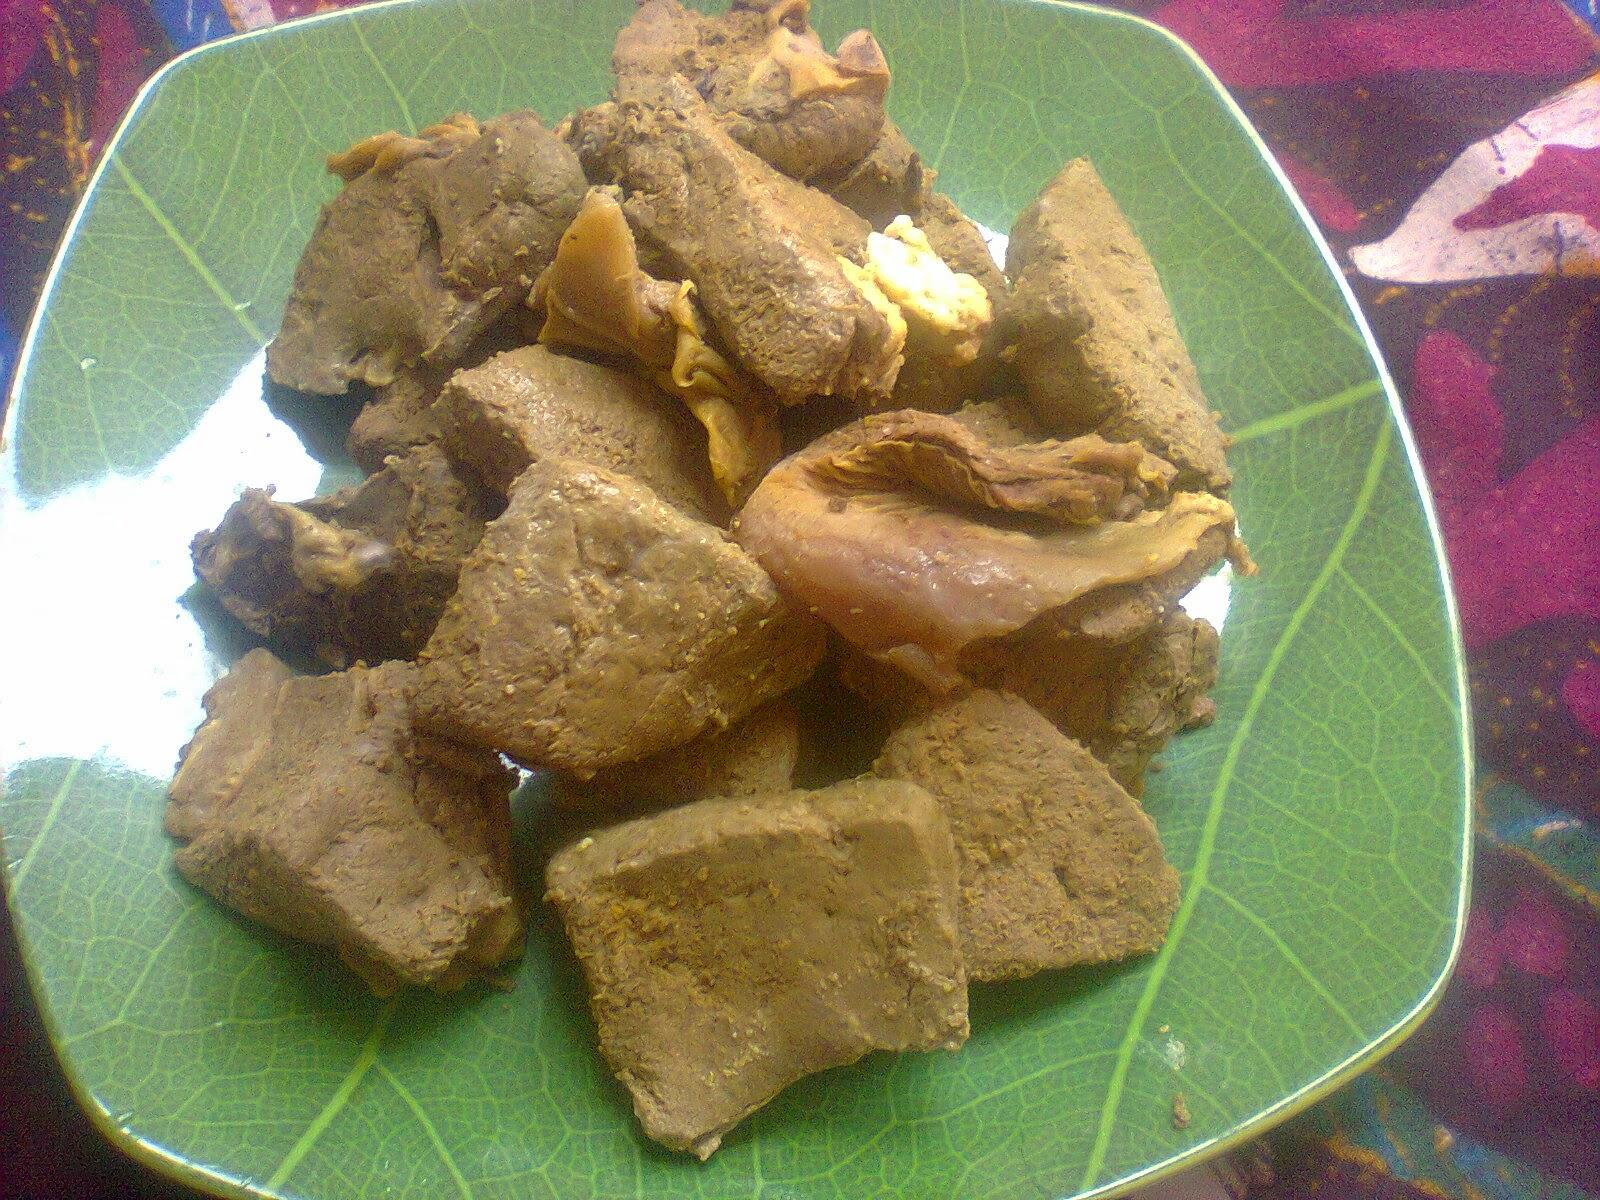 Resep Hati Sapi Bumbu Kuning ~ Dapur Onlineku